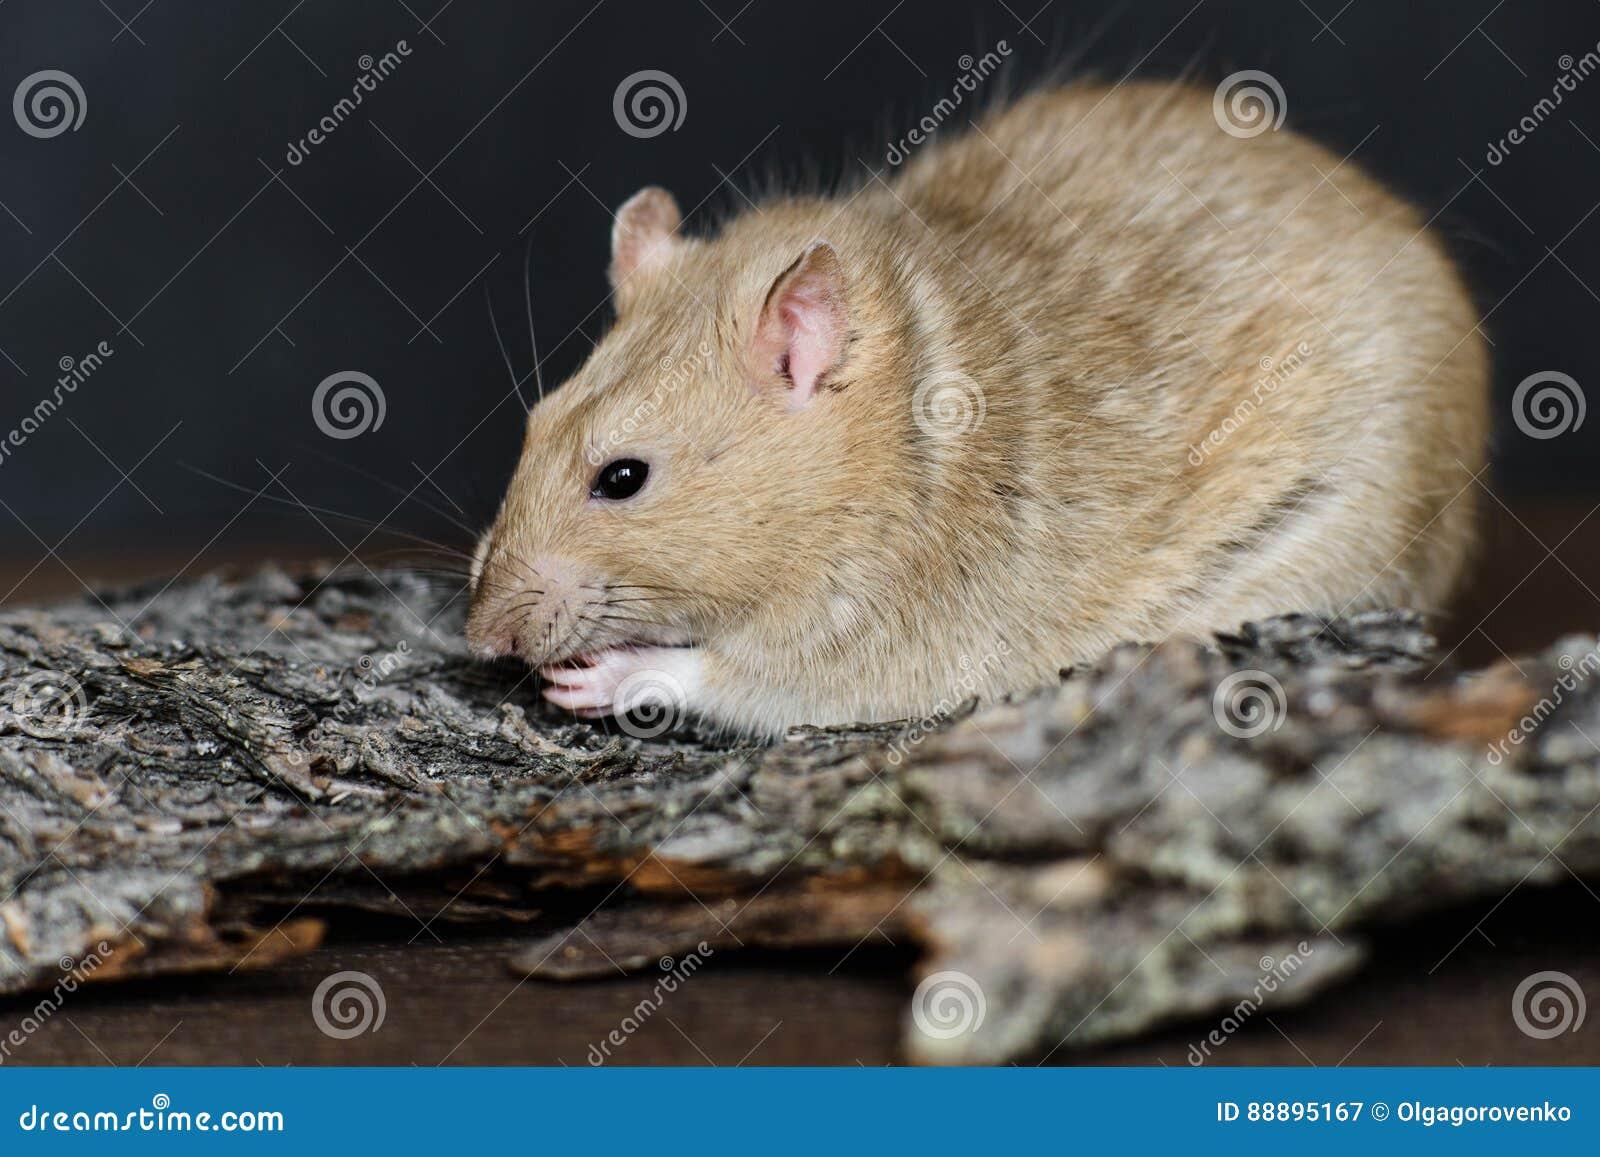 吃在黑暗的背景的灰色花梢鼠种子